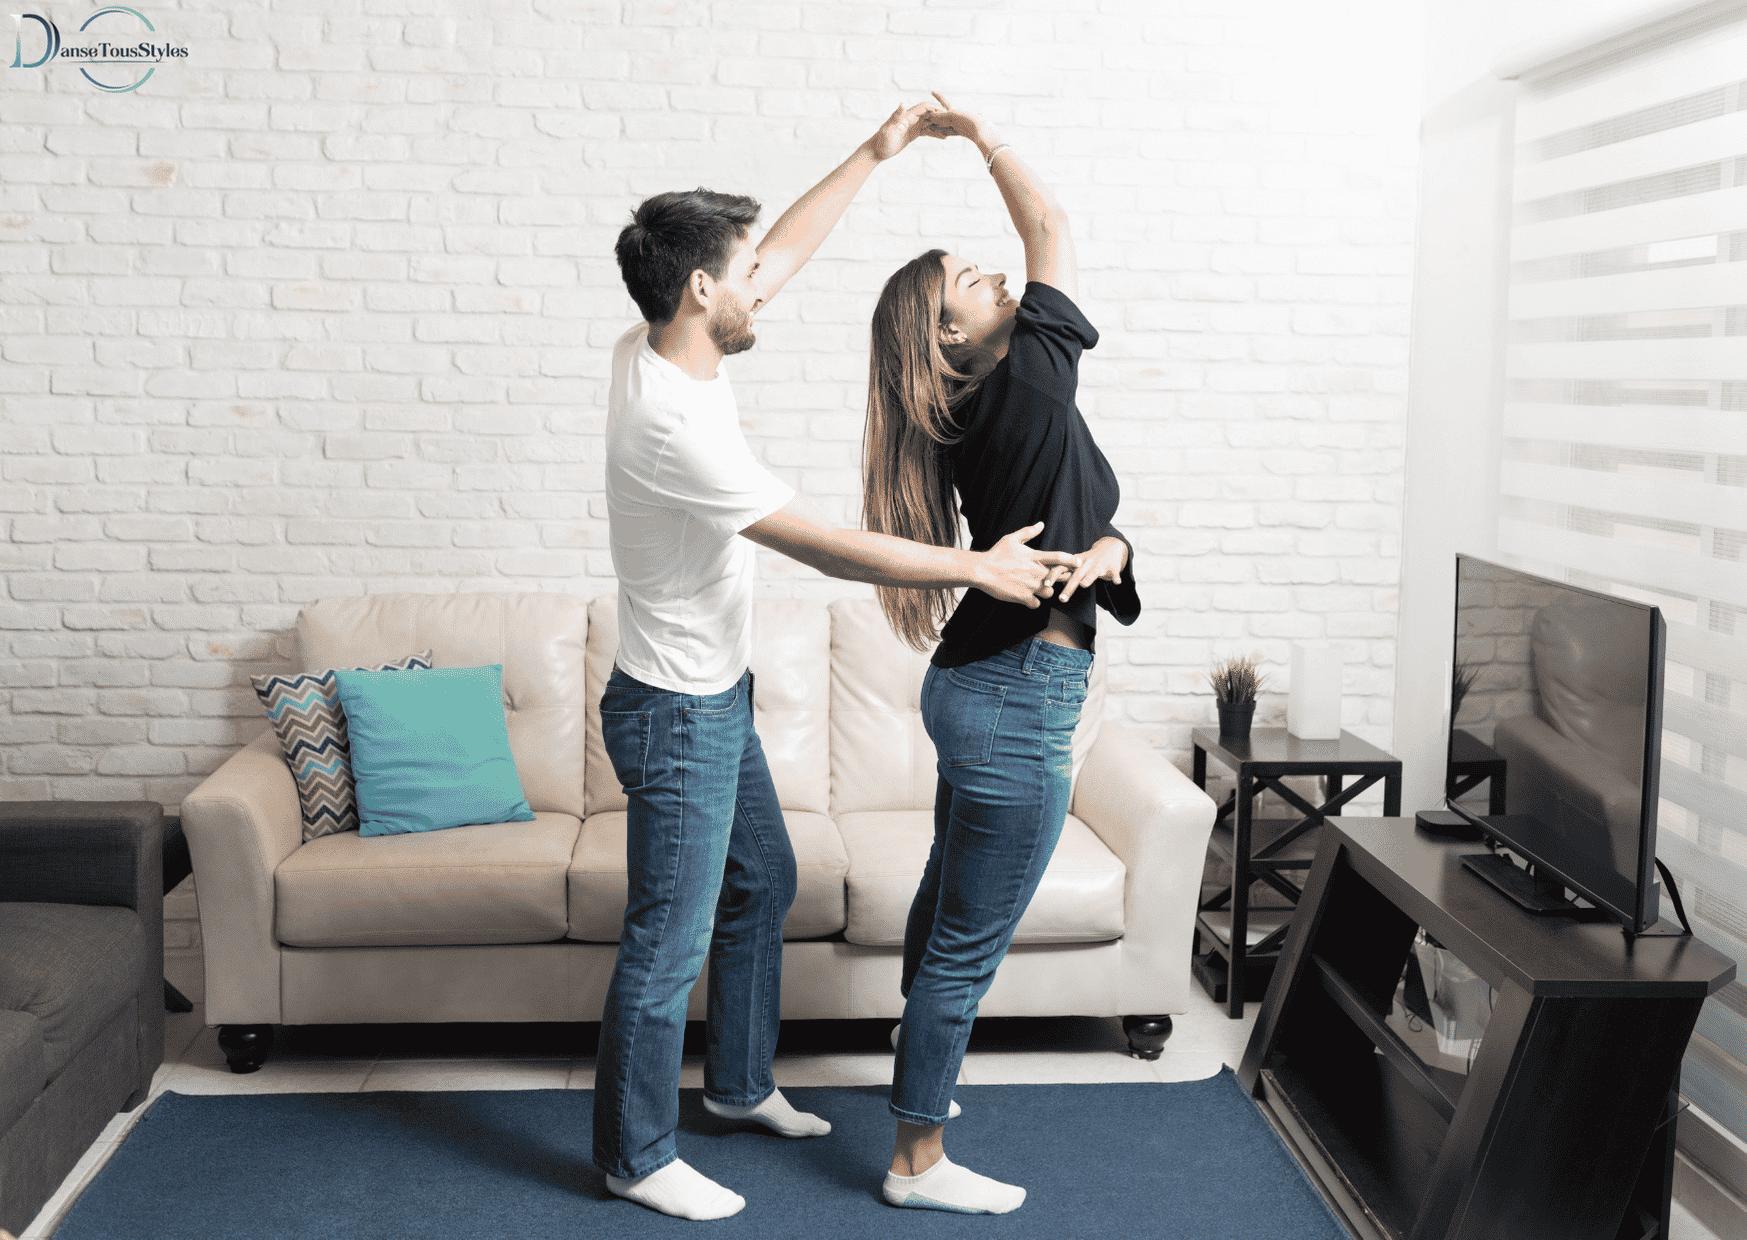 professeur de danse prive domicile - Cours Particulier de Danse à domicile à Annecy